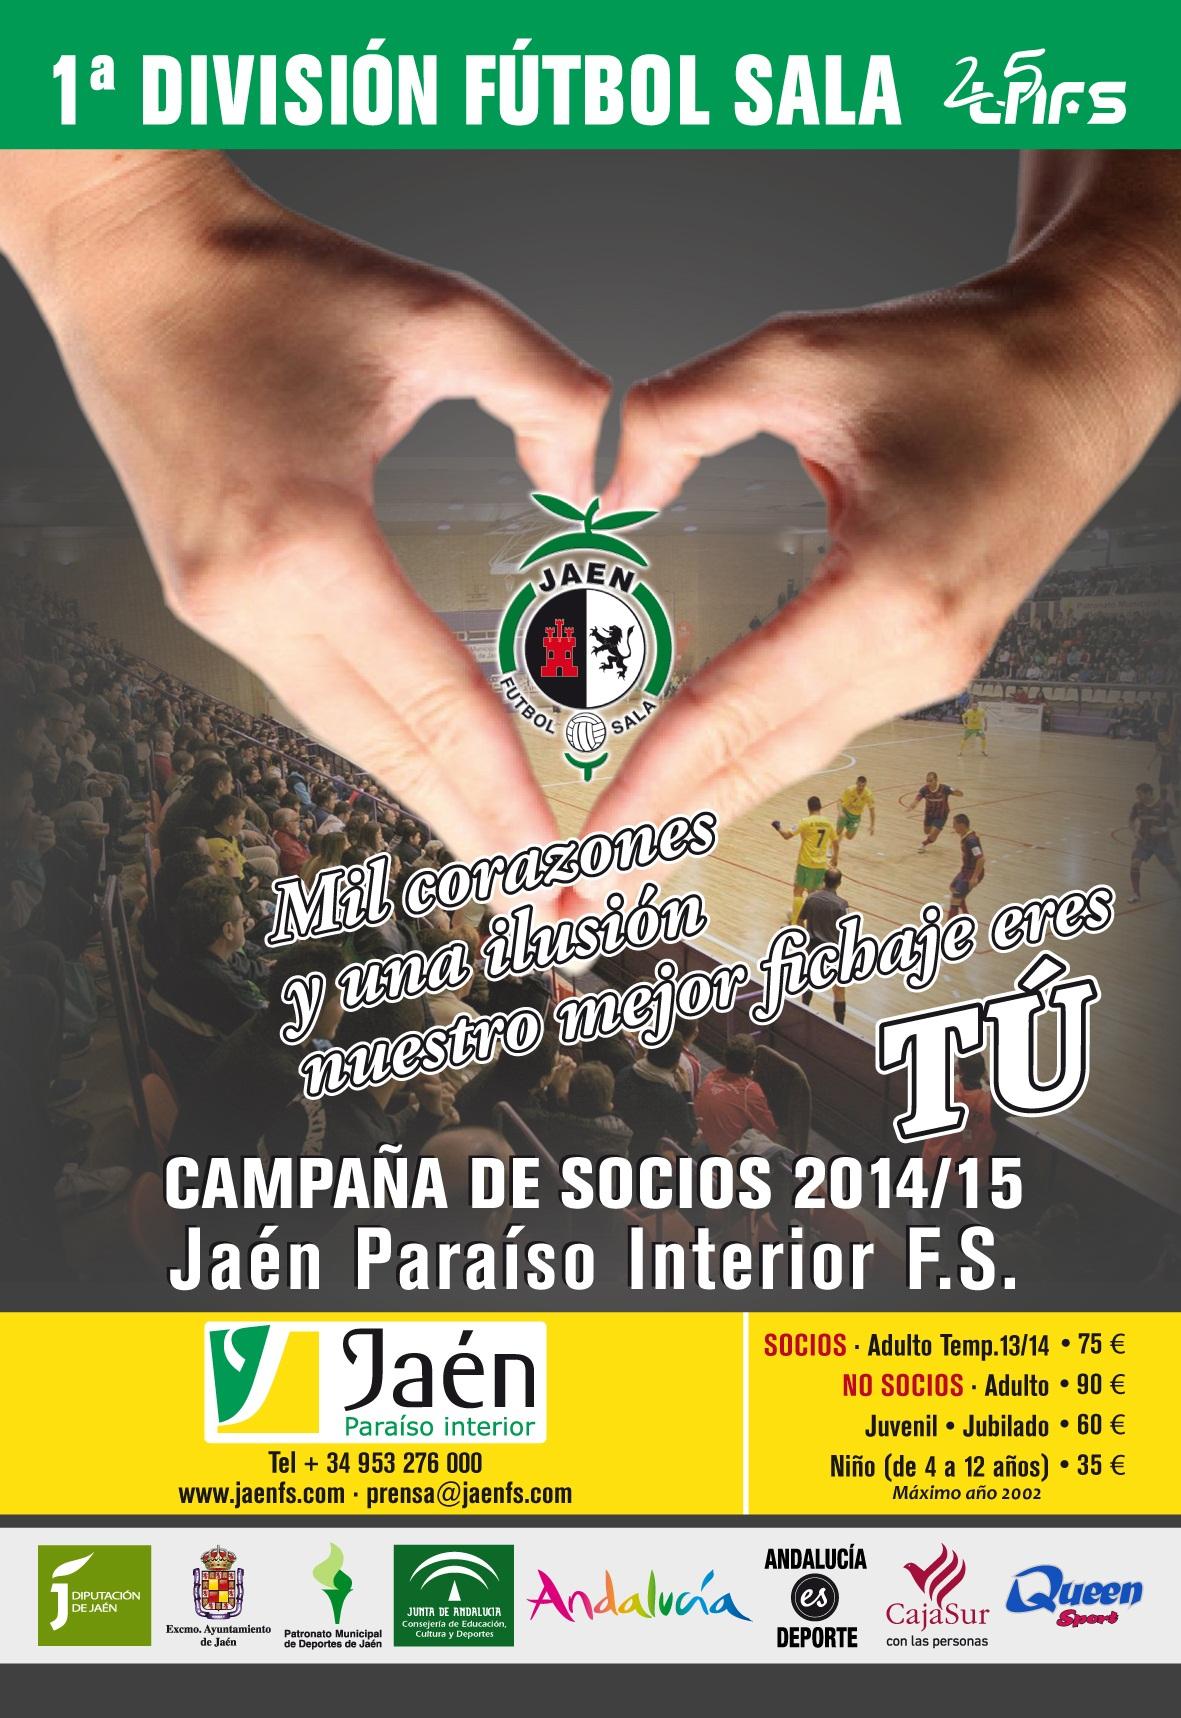 Los carnets del Jaén FS, disponibles en las oficinas del club